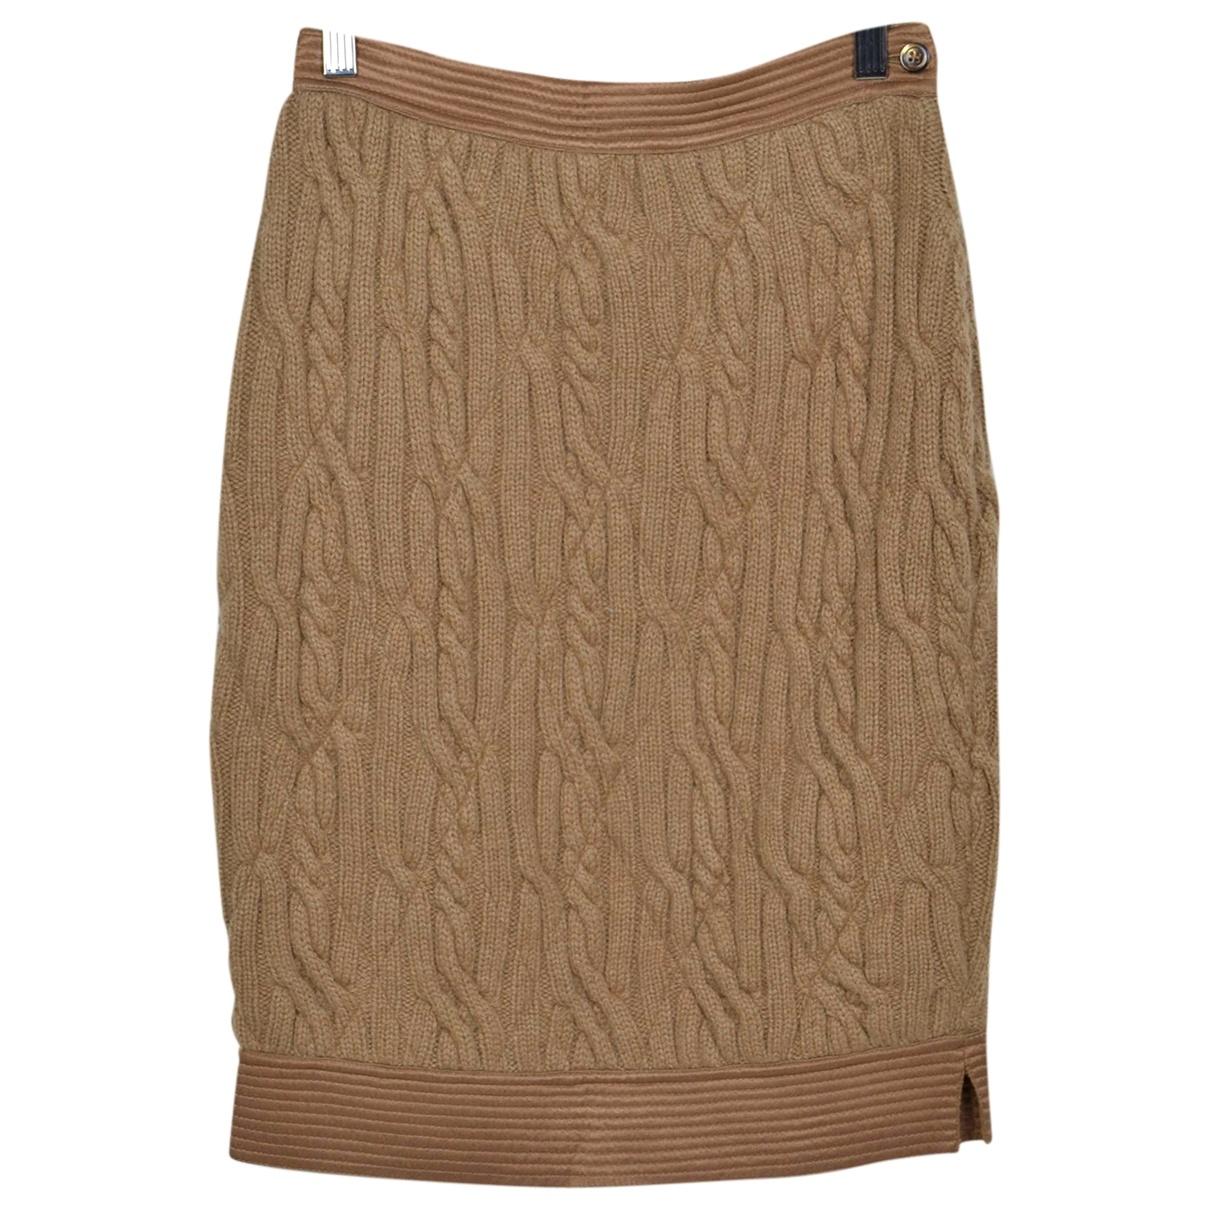 Gianfranco Ferré \N Beige Wool skirt for Women 42 IT